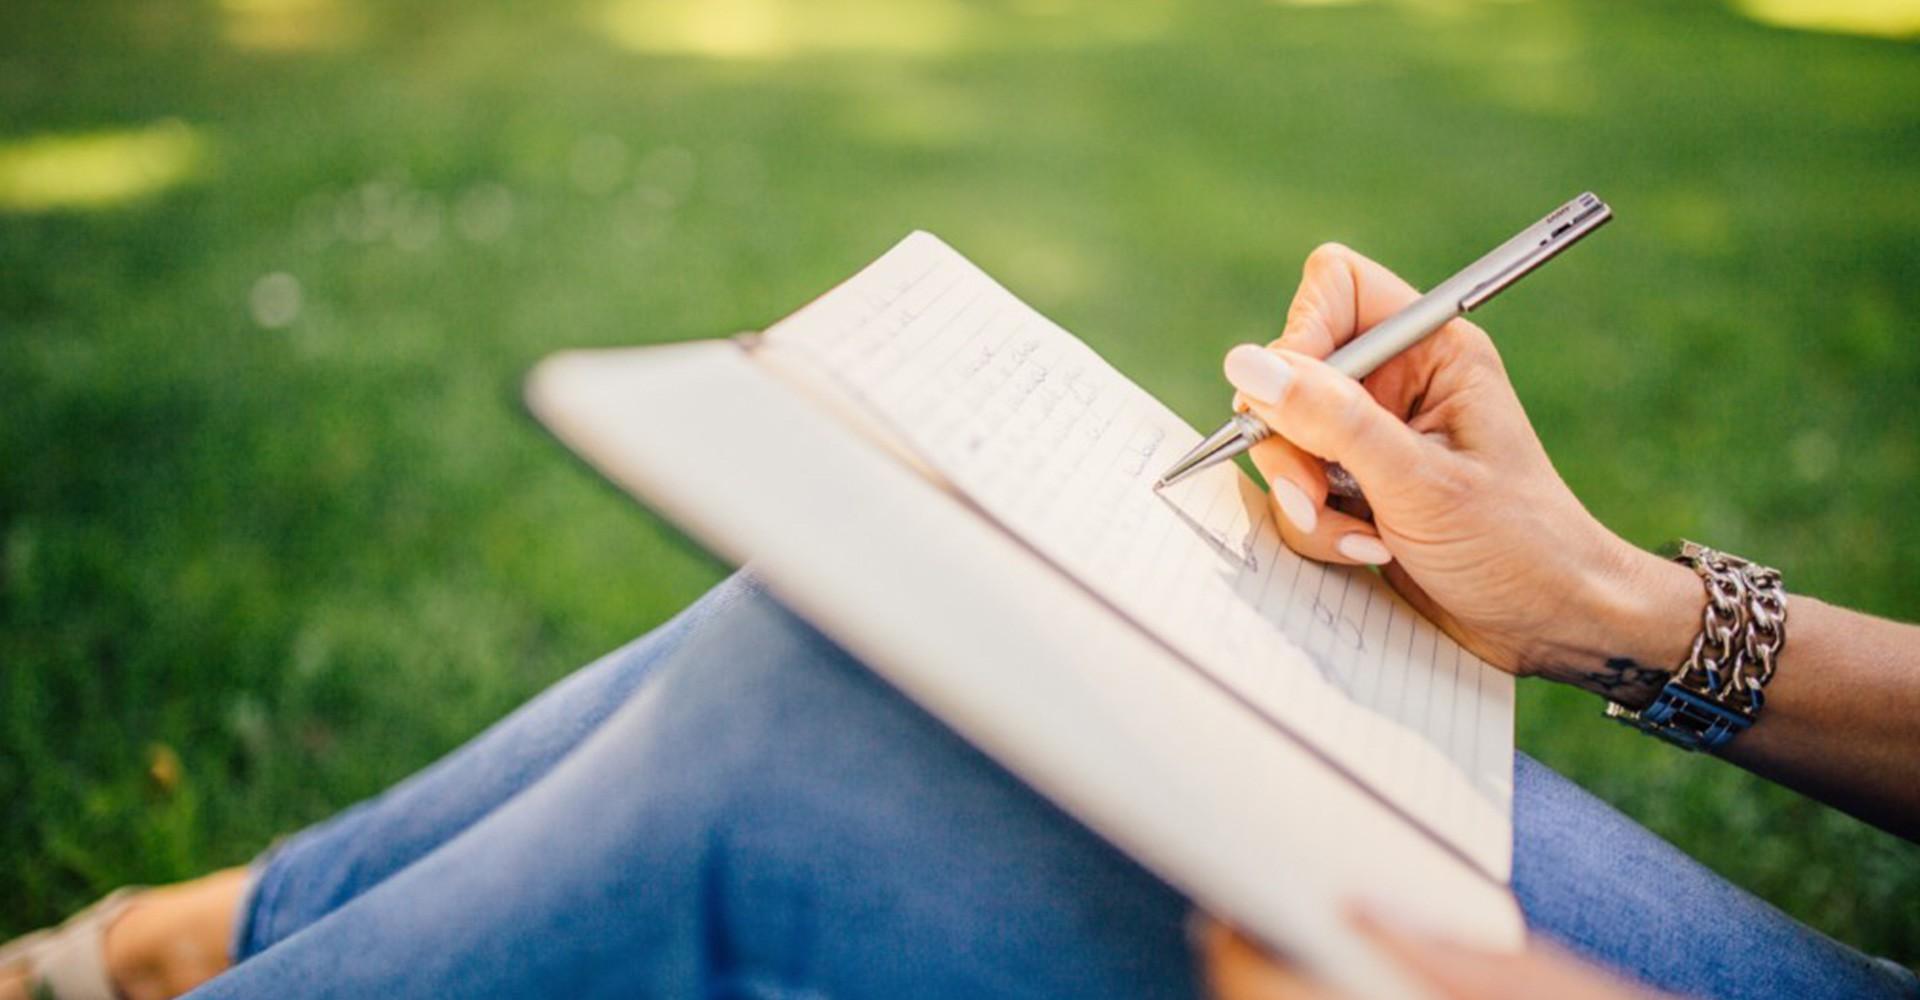 6 vấn đề sinh viên thường phải đối mặt trong trường đại học - Ảnh 2.